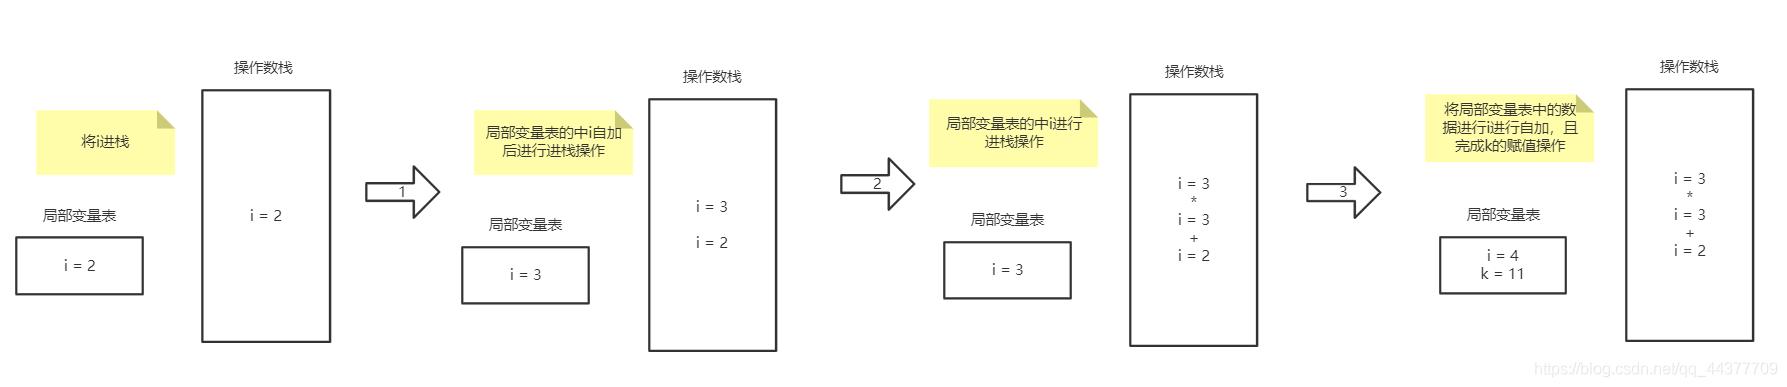 [外链图片转存失败,源站可能有防盗链机制,建议将图片保存下来直接上传(img-EOsOaSzt-1591687148753)(01_自增变量.assets/image-20200607110626891.png)]